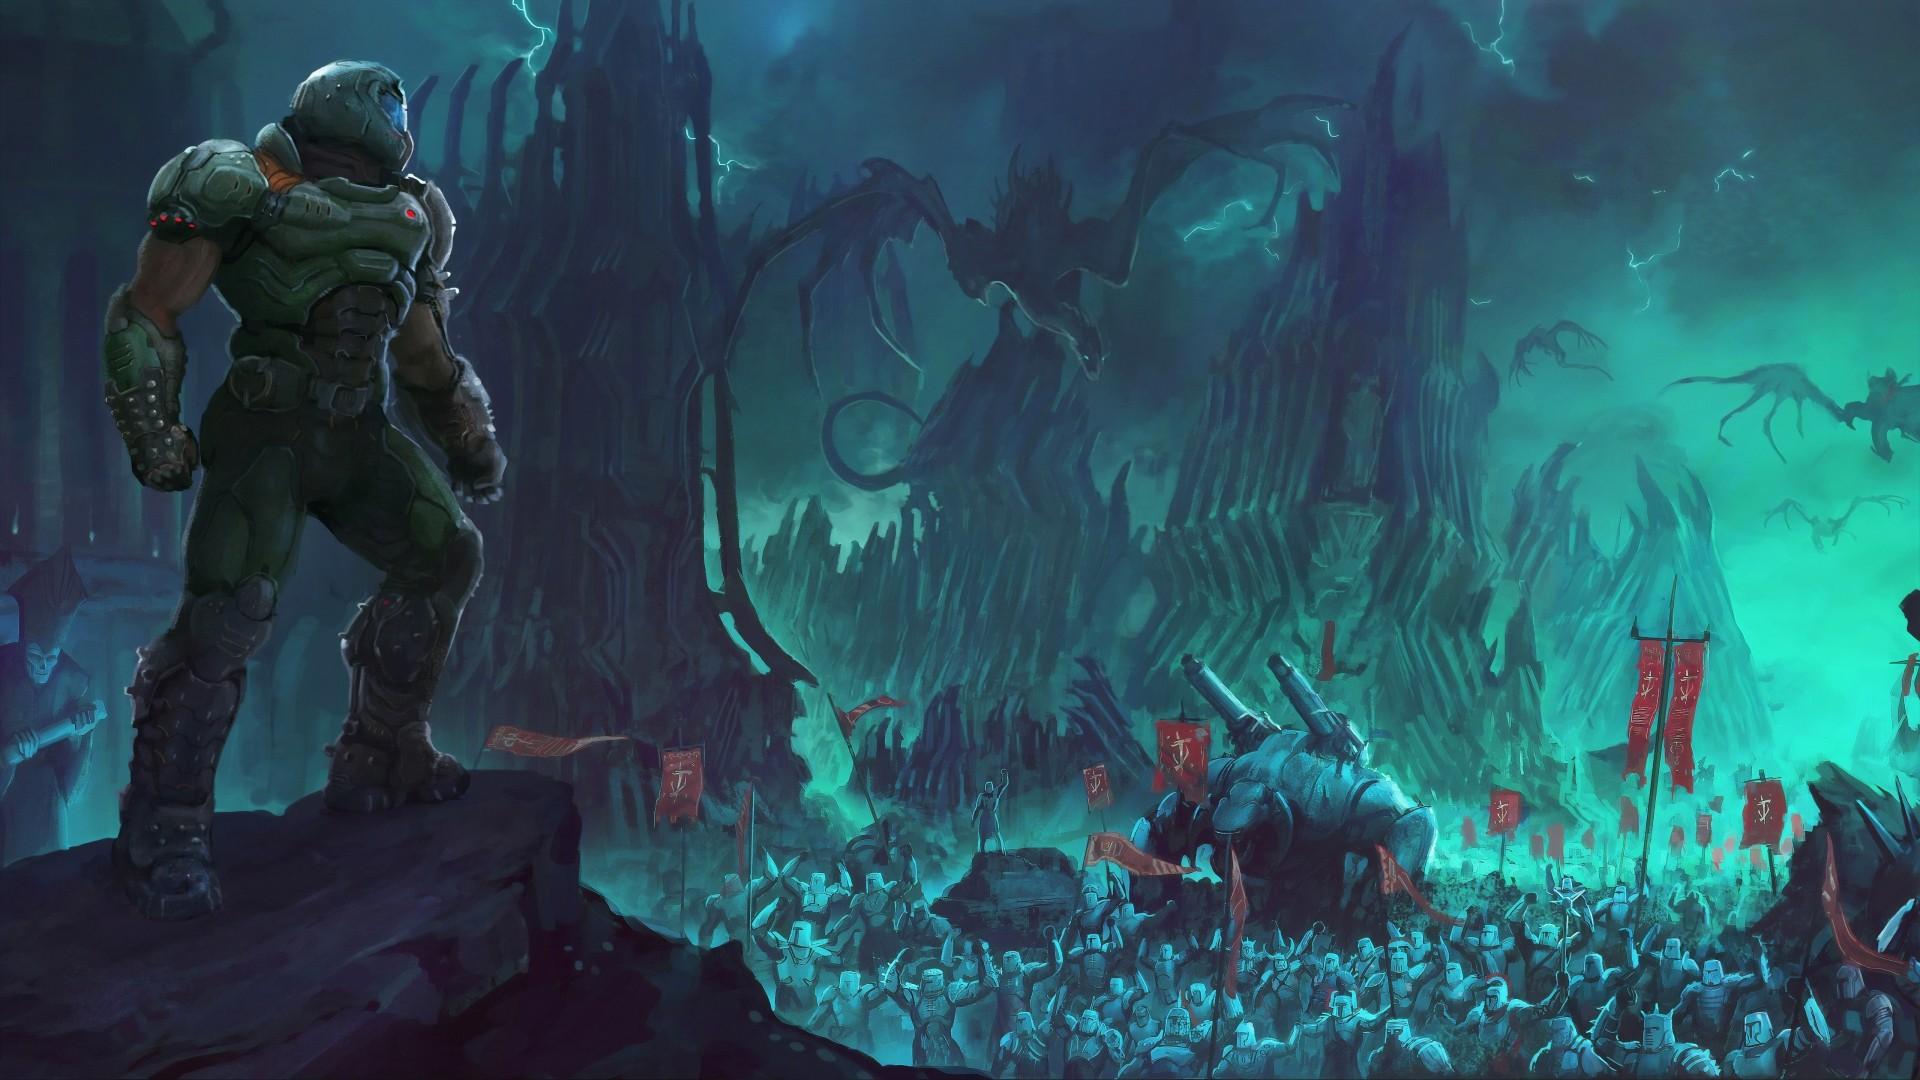 Doom Wallpaper for pc